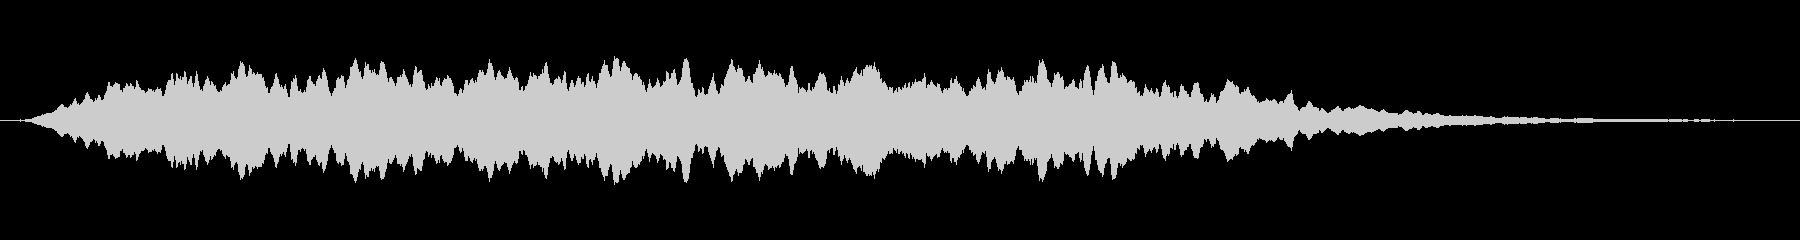 緊張 鬼合唱団ワンノートハイ02の未再生の波形